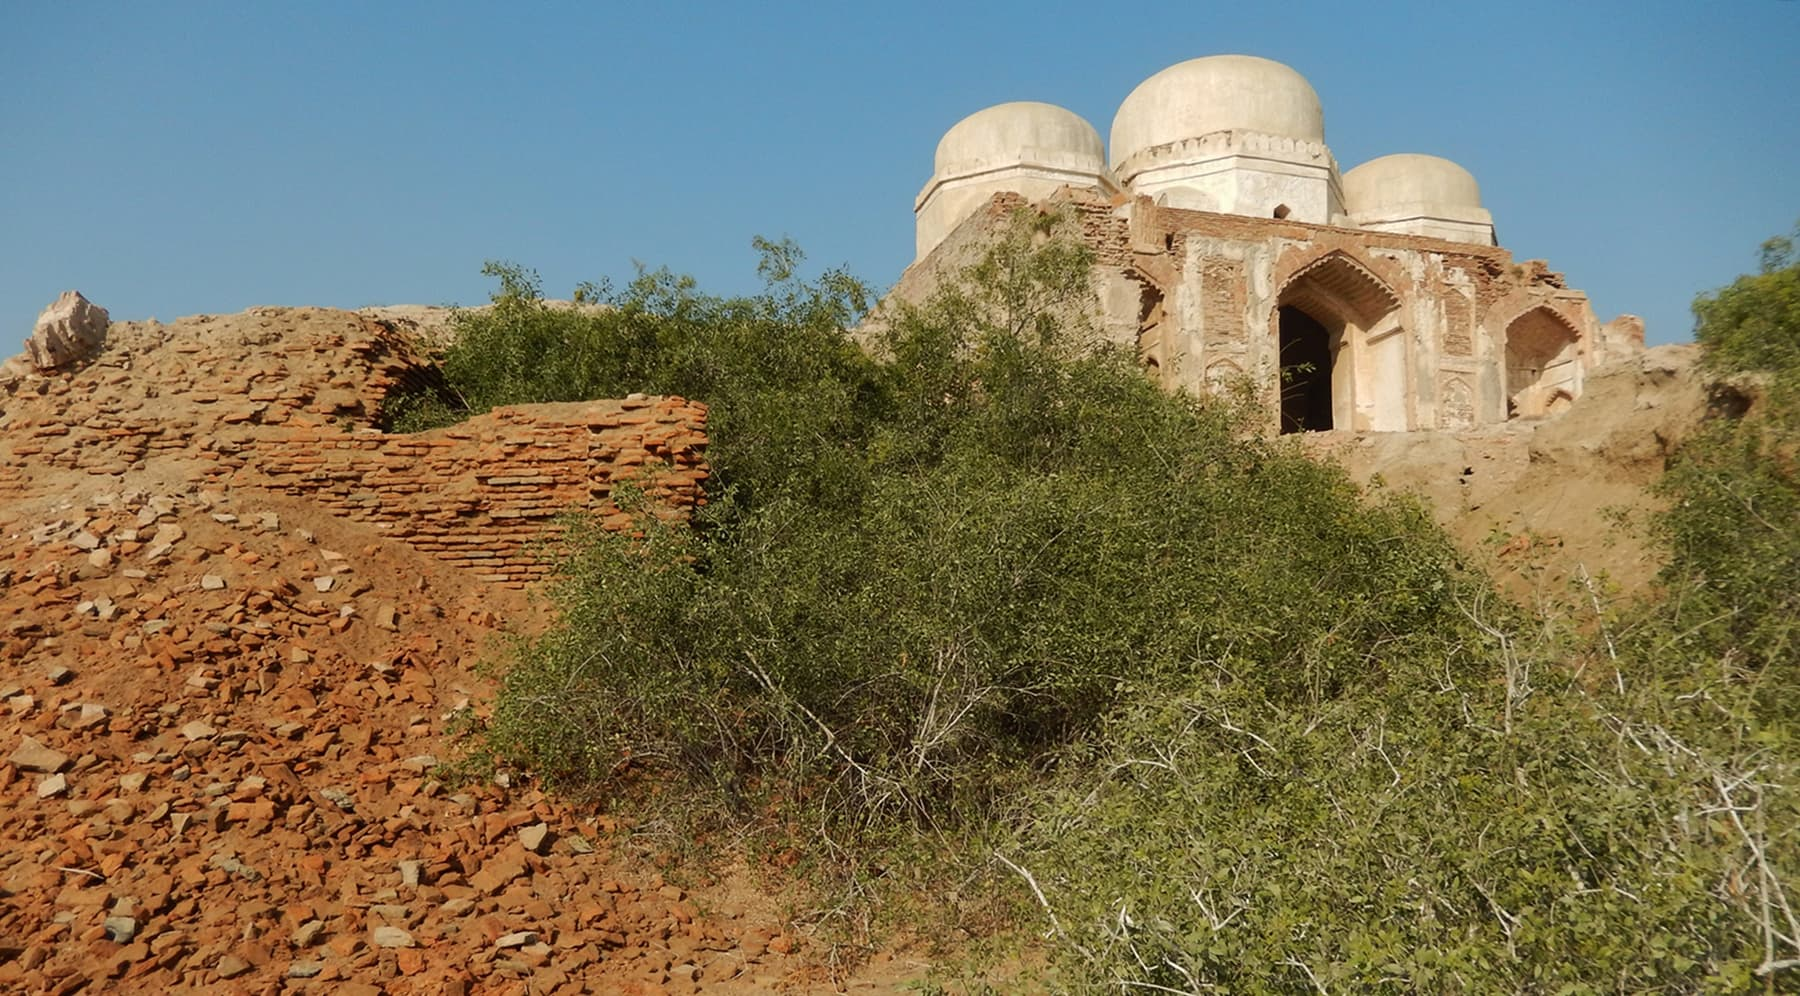 آثار قدیمہ کے جنوب میں، ٹیلے پر بنی ایک قدیم مسجد—تصویر ابوبکر شیخ